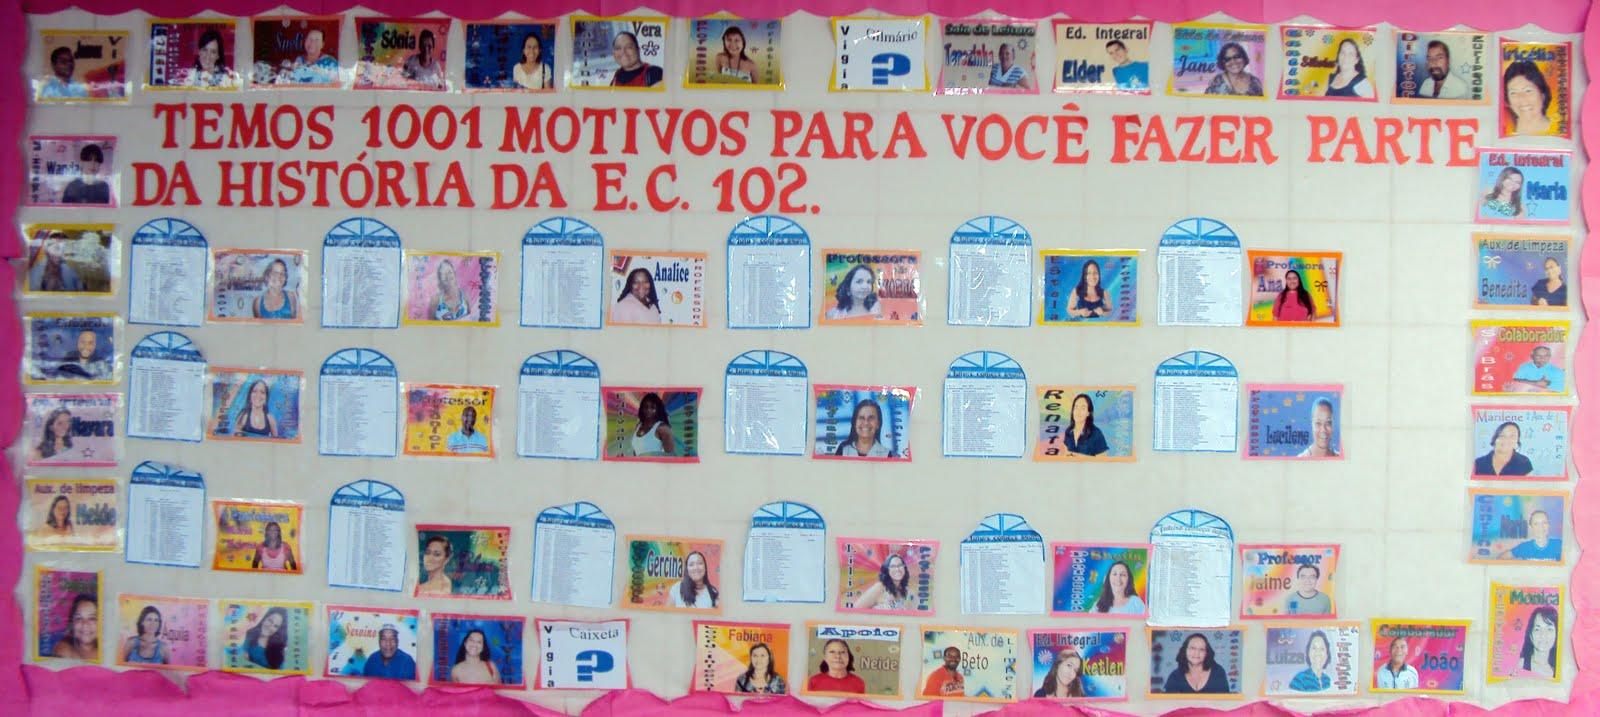 Trocando Idéias Pedagógicas: SUGESTÕES PARA INICIO DO ANO